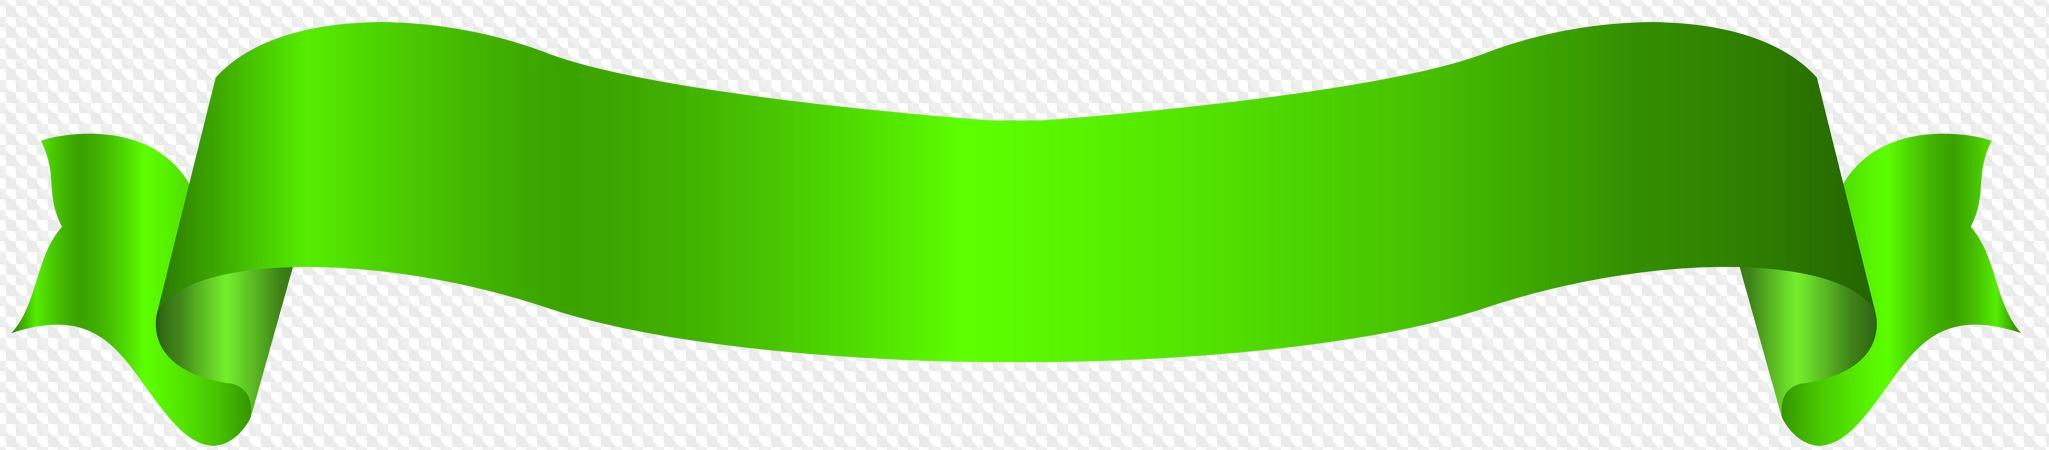 это лента зелено желтая картинка что такое адское